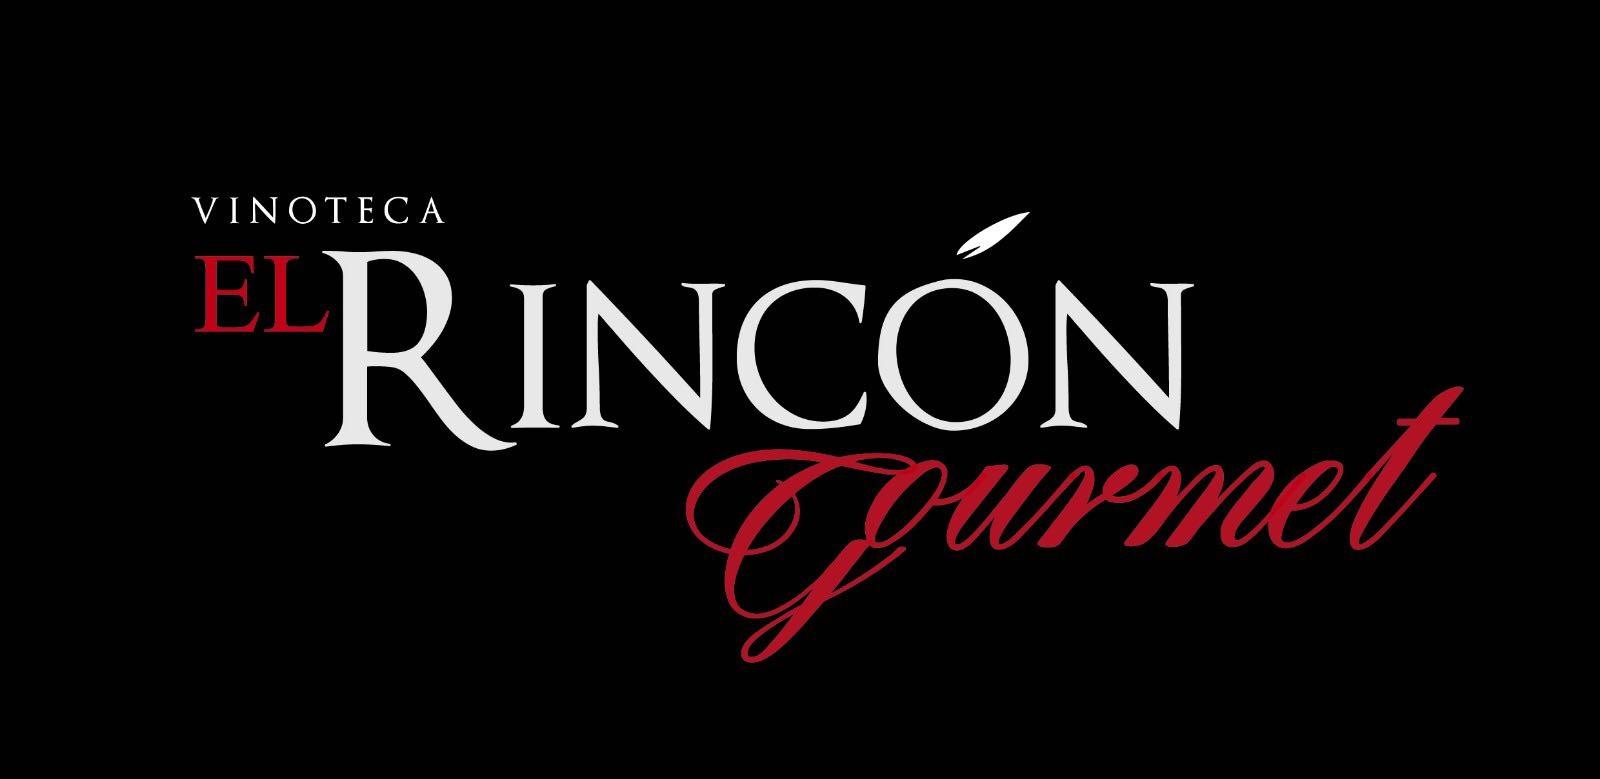 El Rincón Gourmet